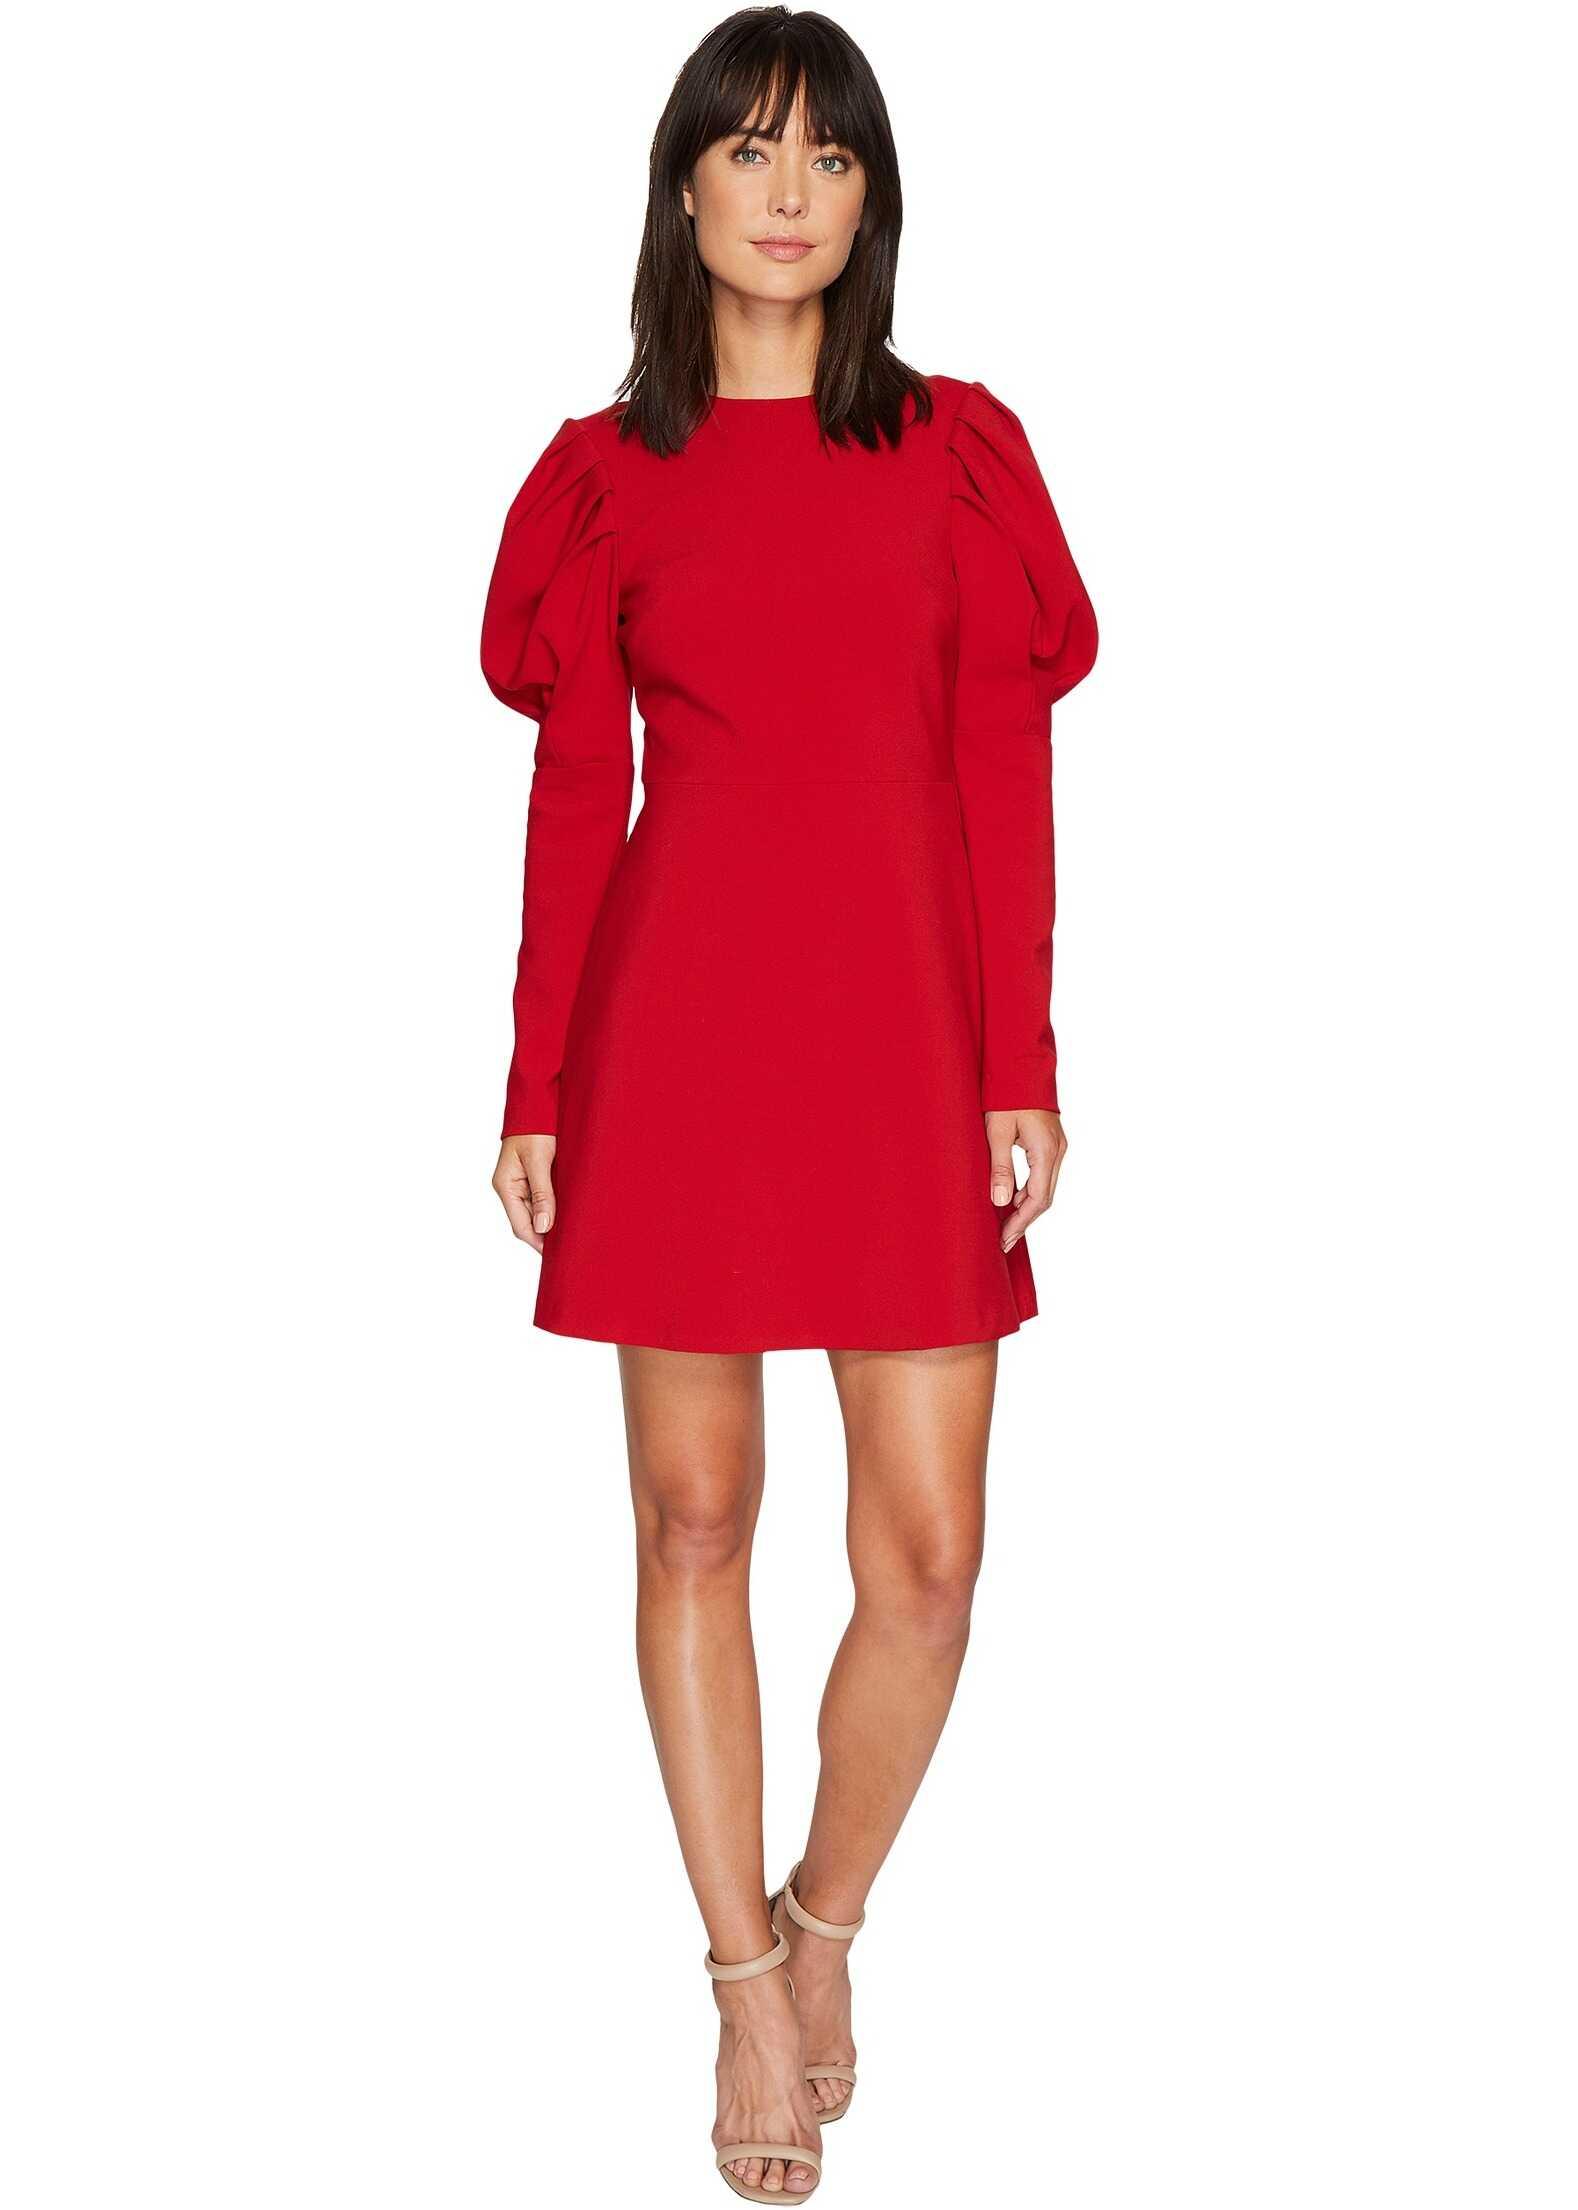 Nicole Miller Karli Bold Shoulder Dress Red